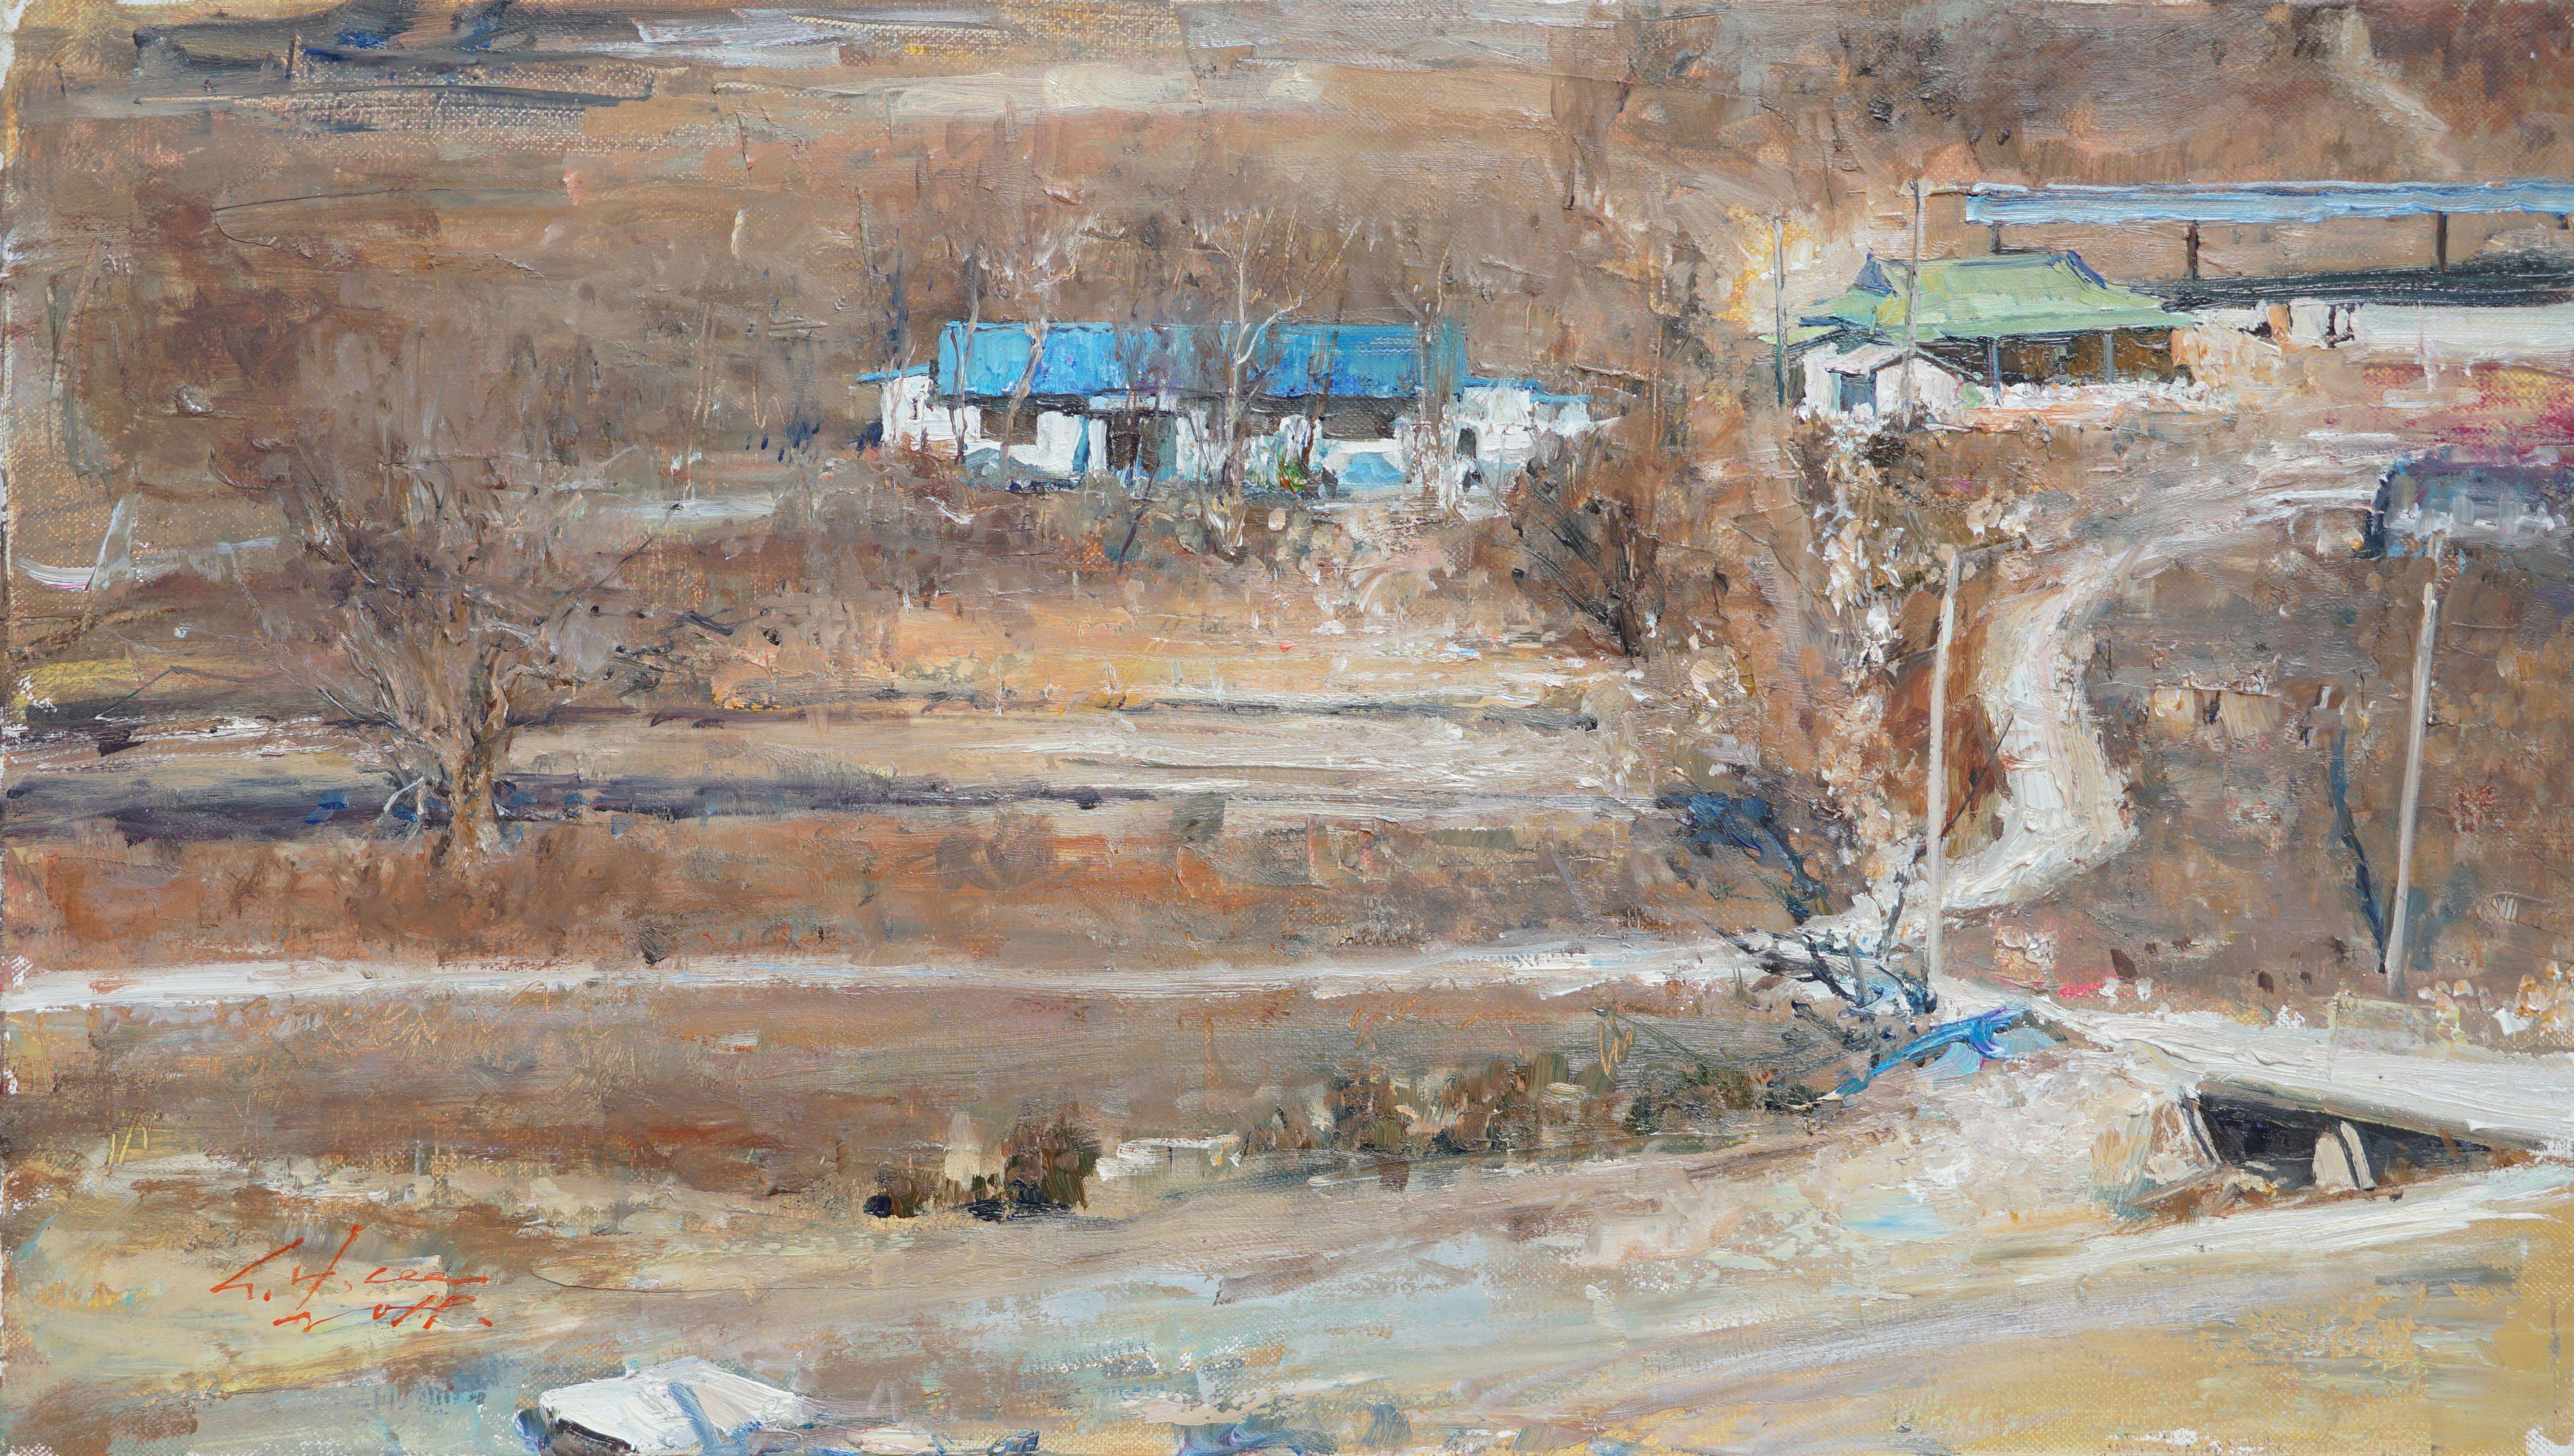 시골인상 33.4x19 Oil on canvas 2019